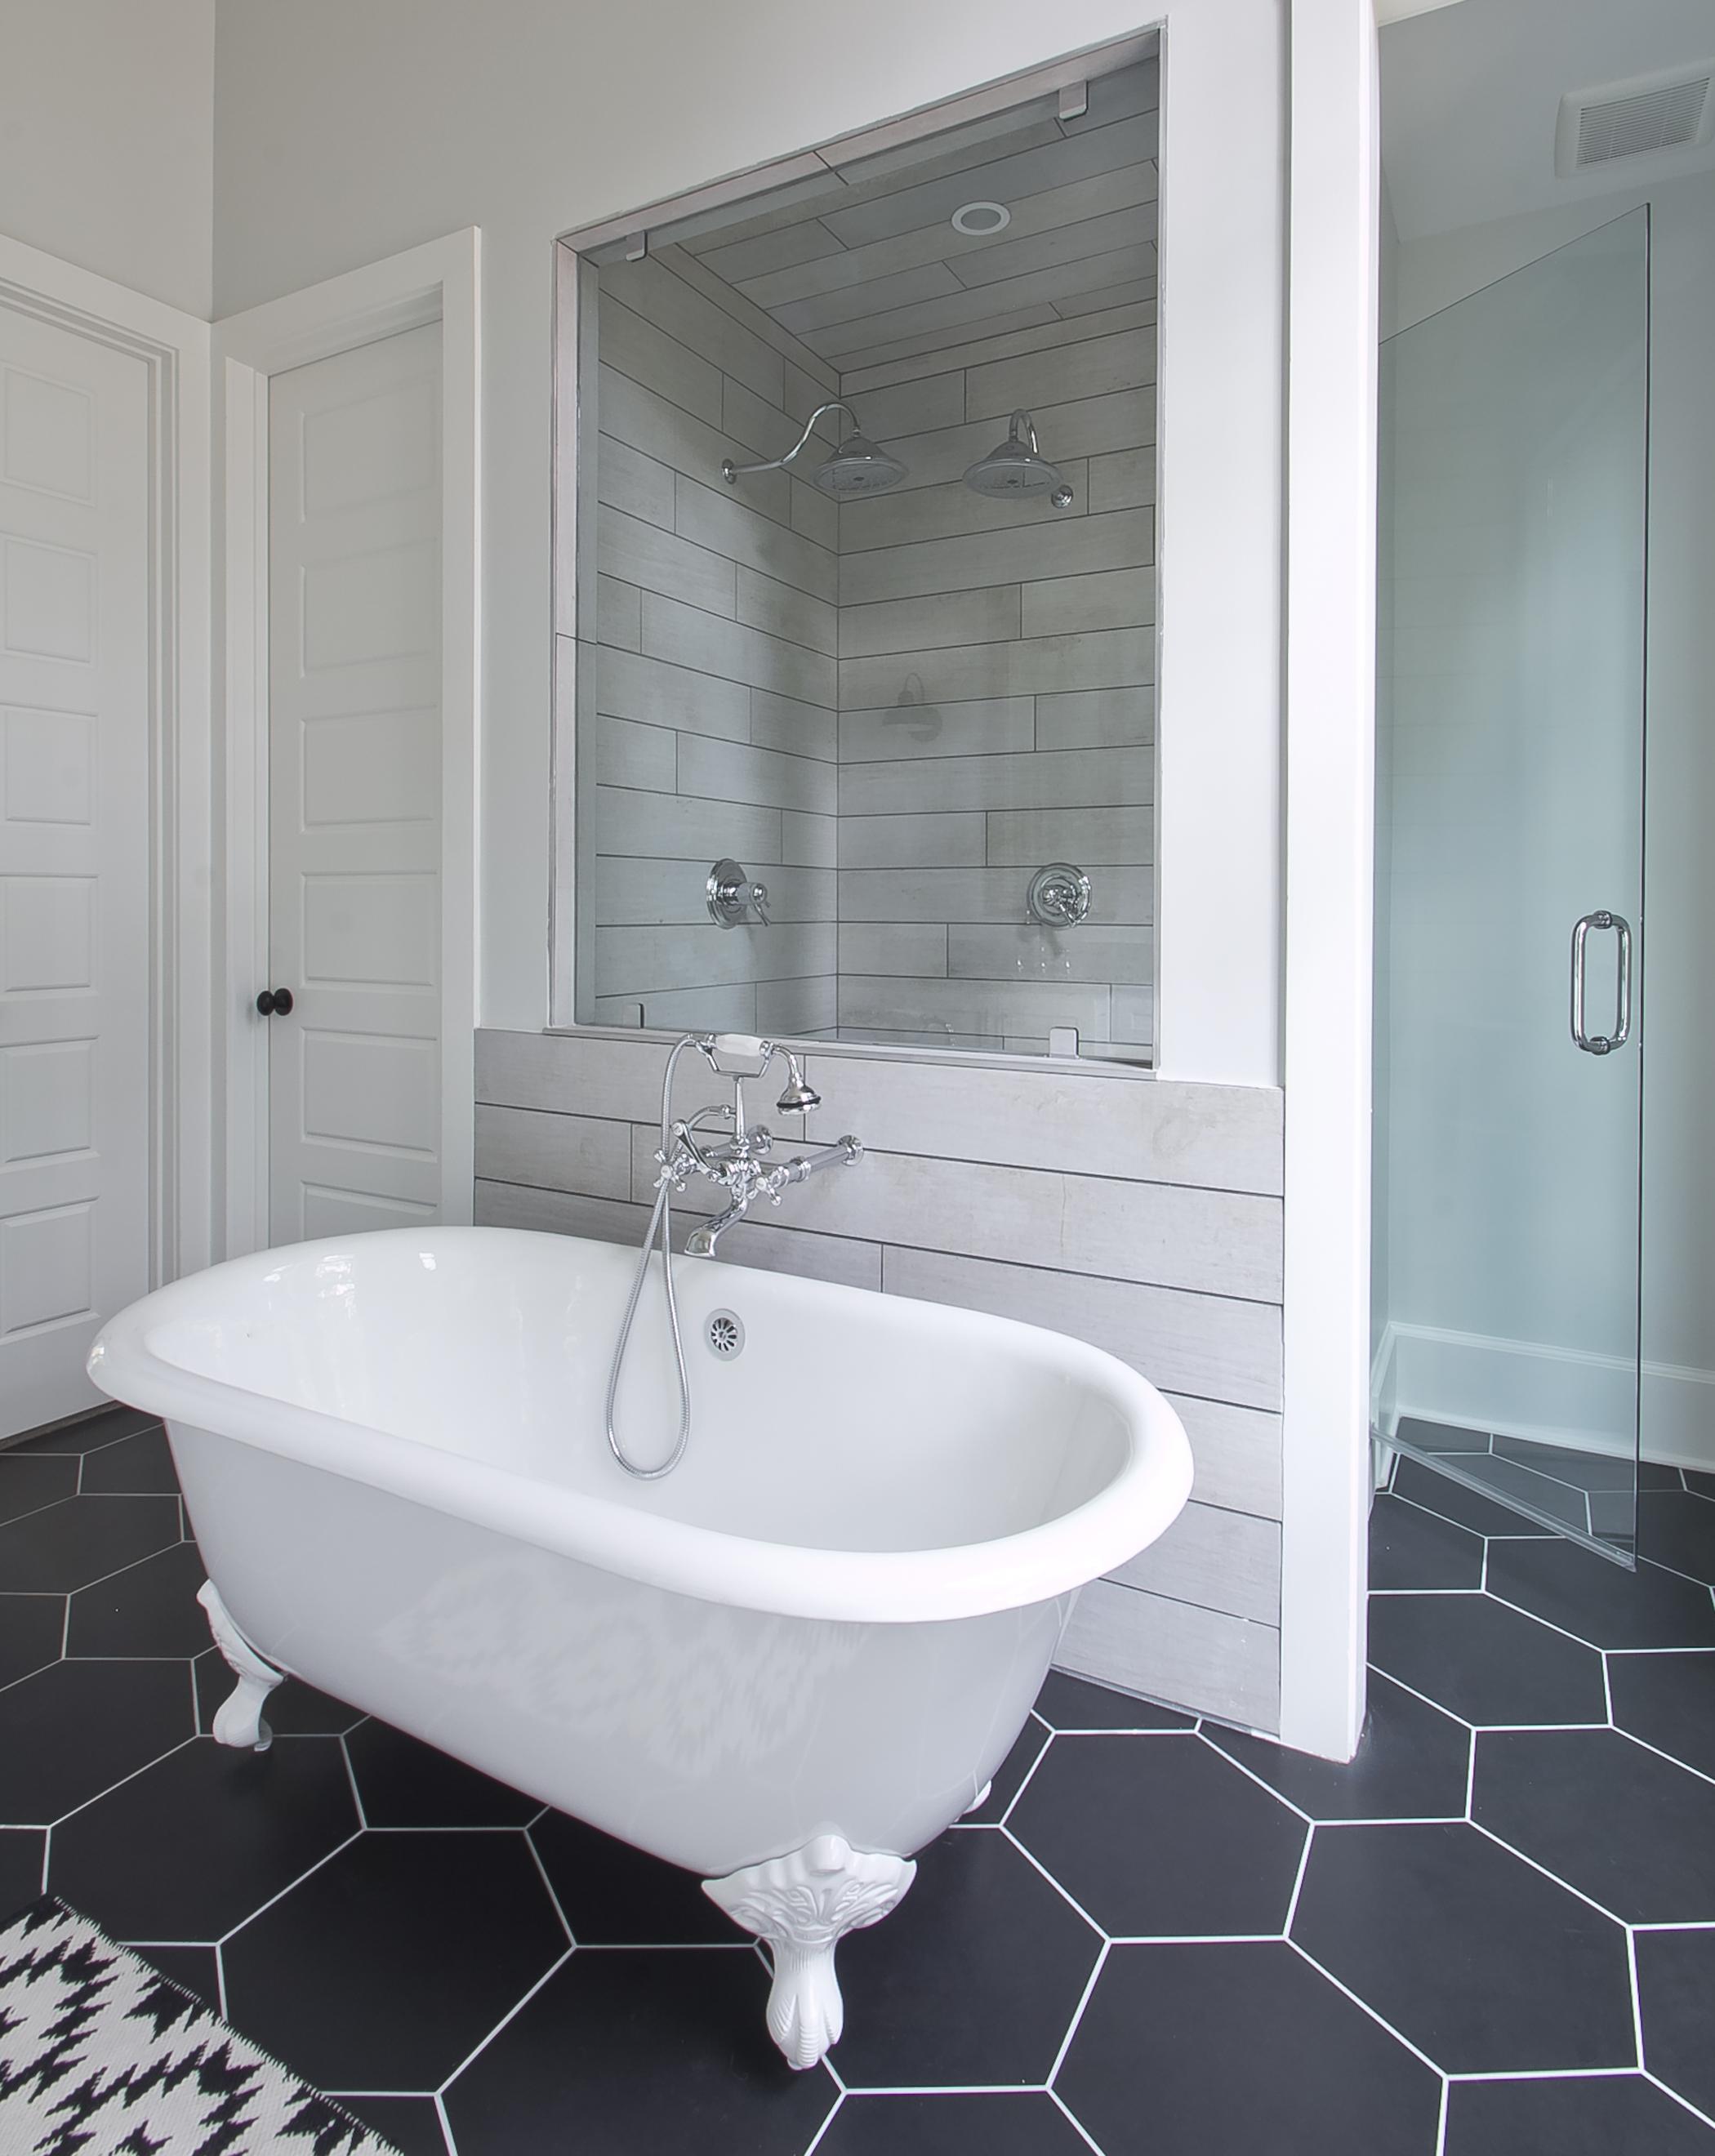 longstreet master tub and shower.jpg